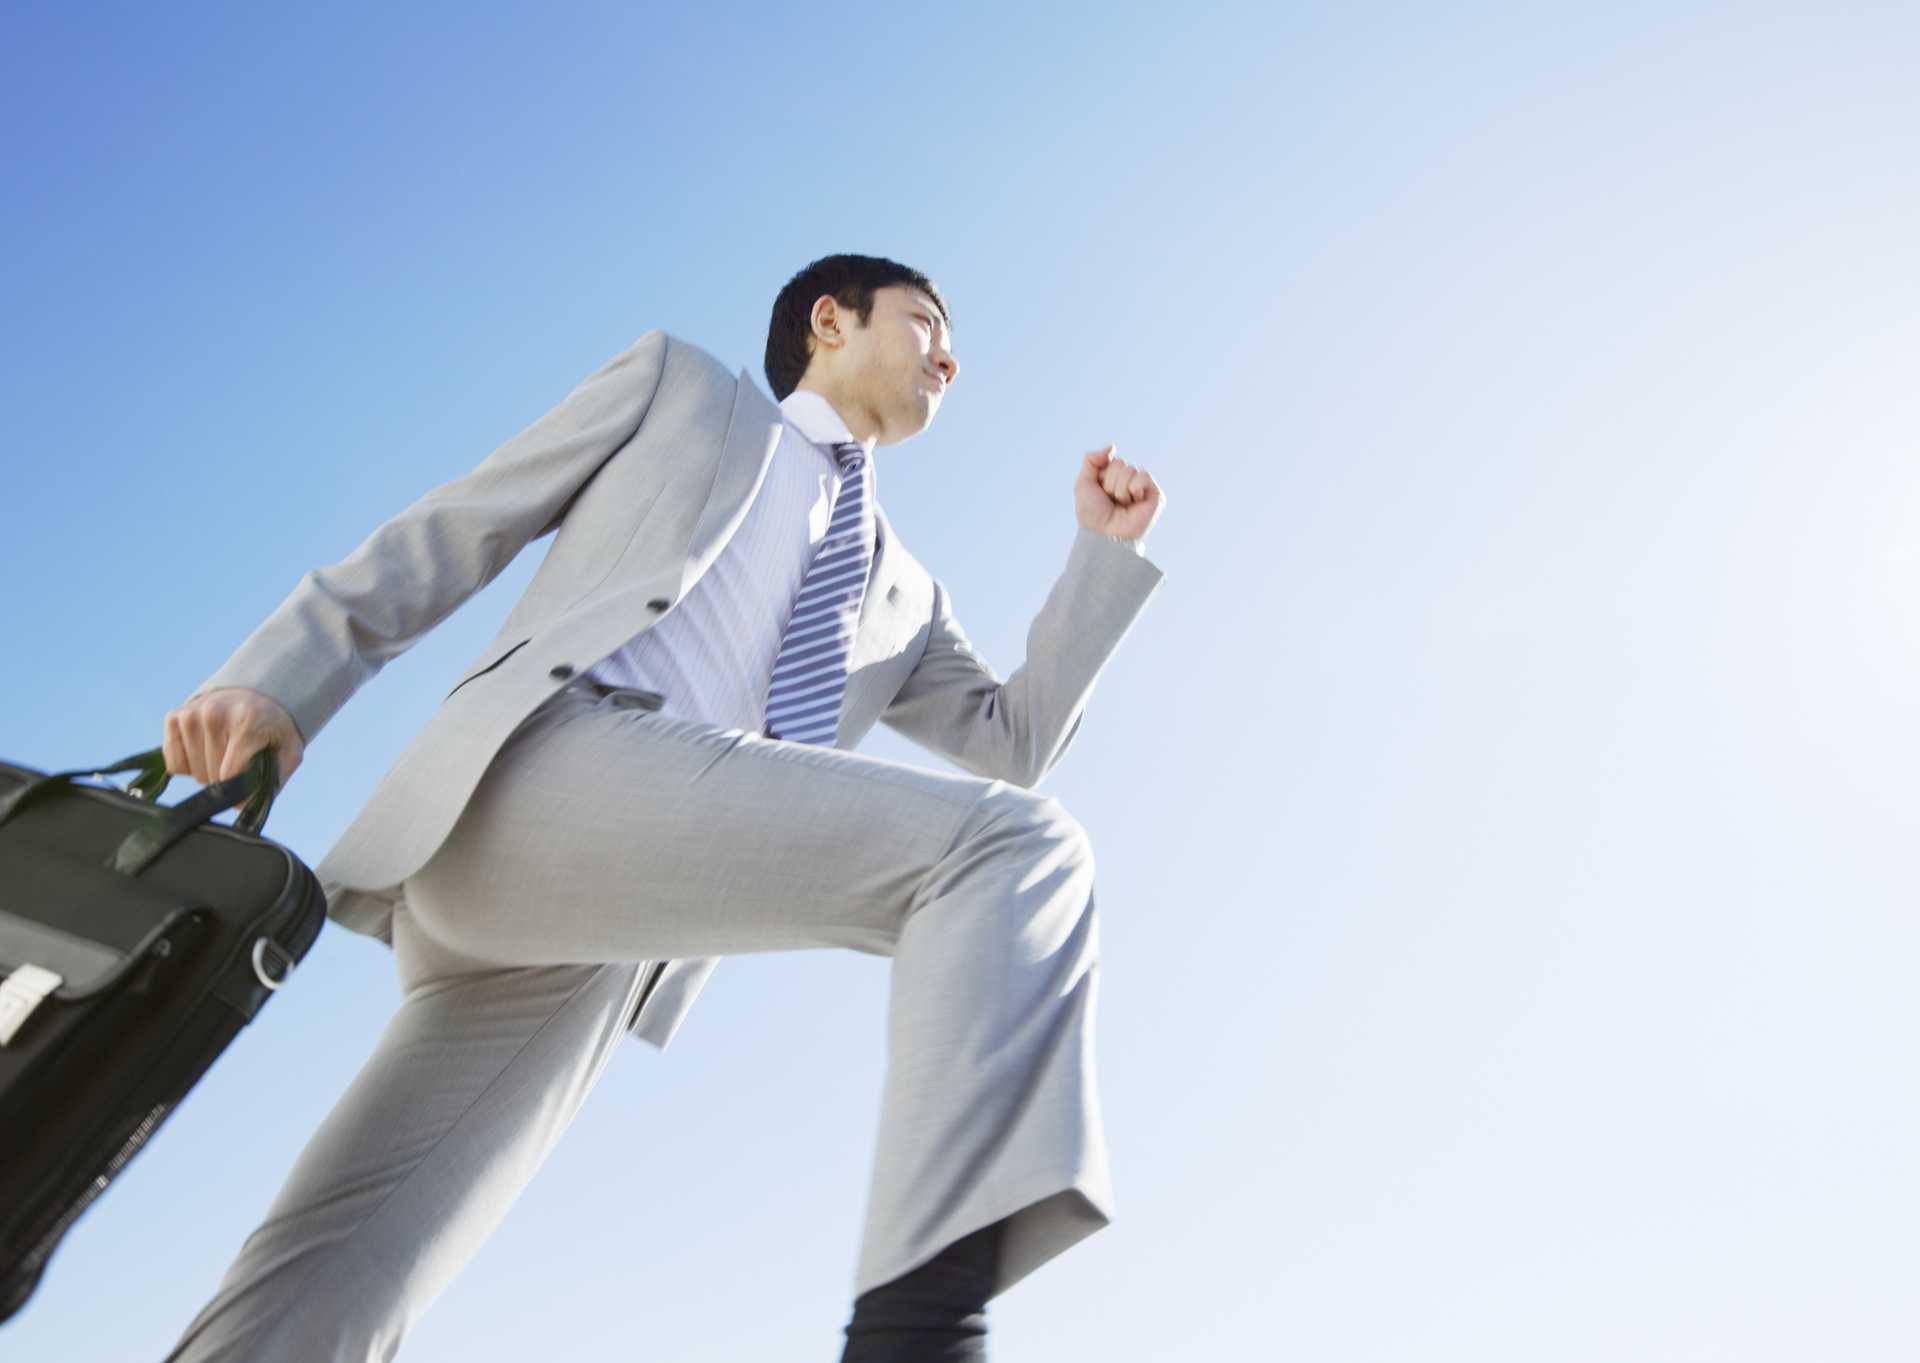 就職活動を諦めたときの30の言葉困難が大きいかどうかではない。乗り越える気持ちが大きいかどうか。